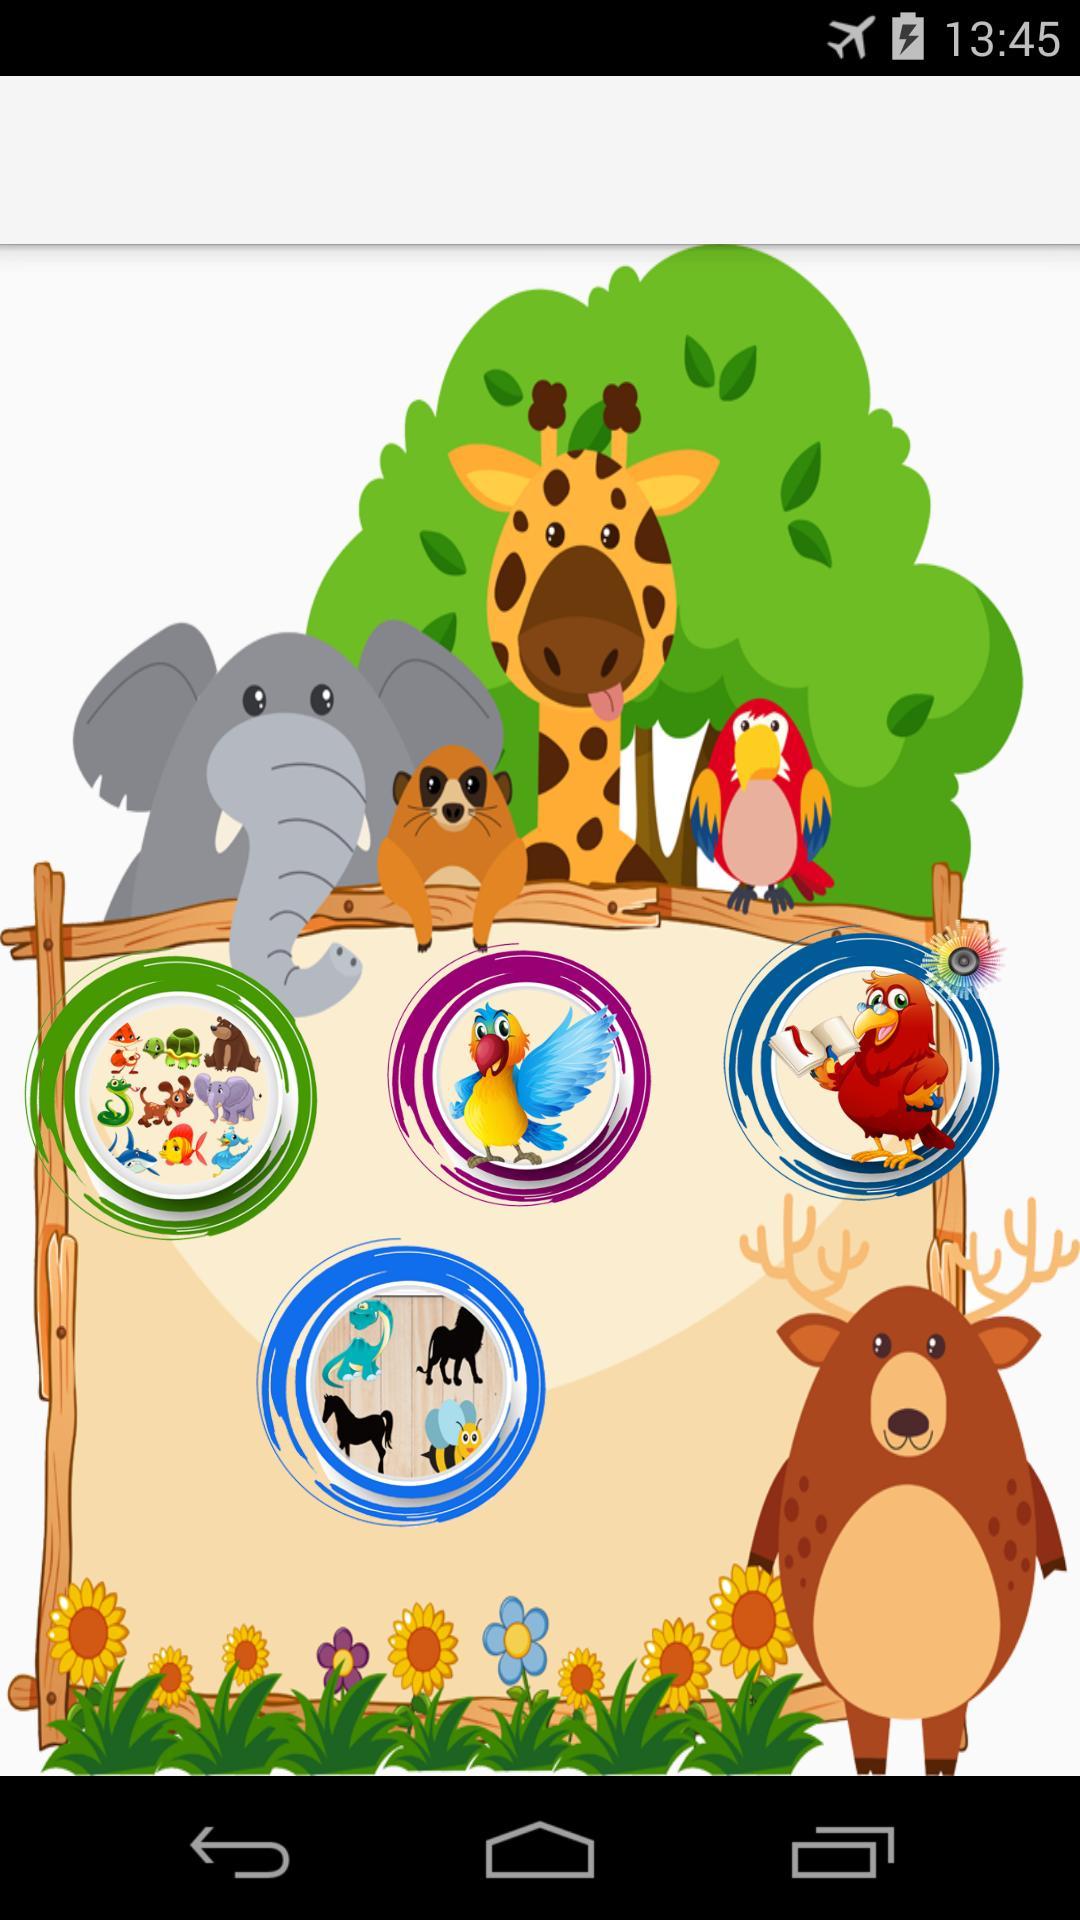 3-4 Ans Jeu Mental Éducatif Pour Enfants Pour Android Serial Port Jeux Educatif 4 Ans